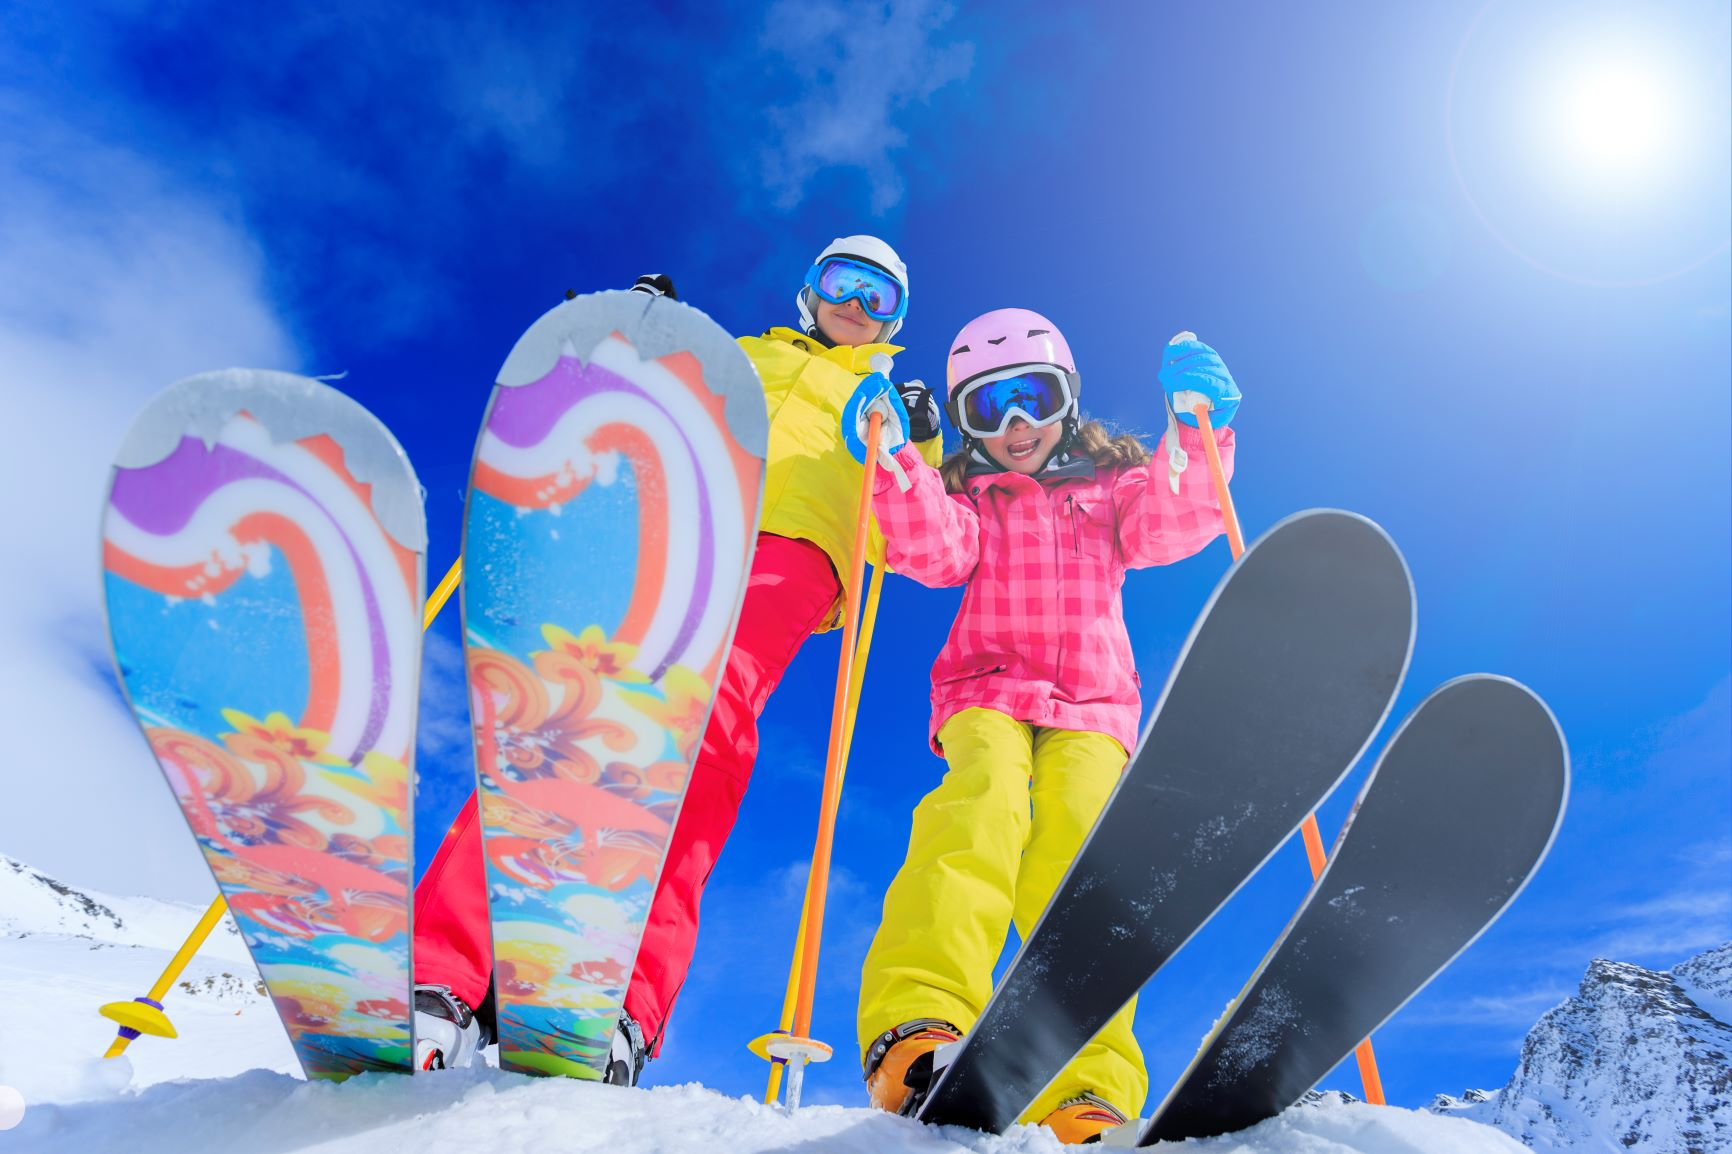 Okazja snowboard galeria Zdjęć i Obrazów imgED